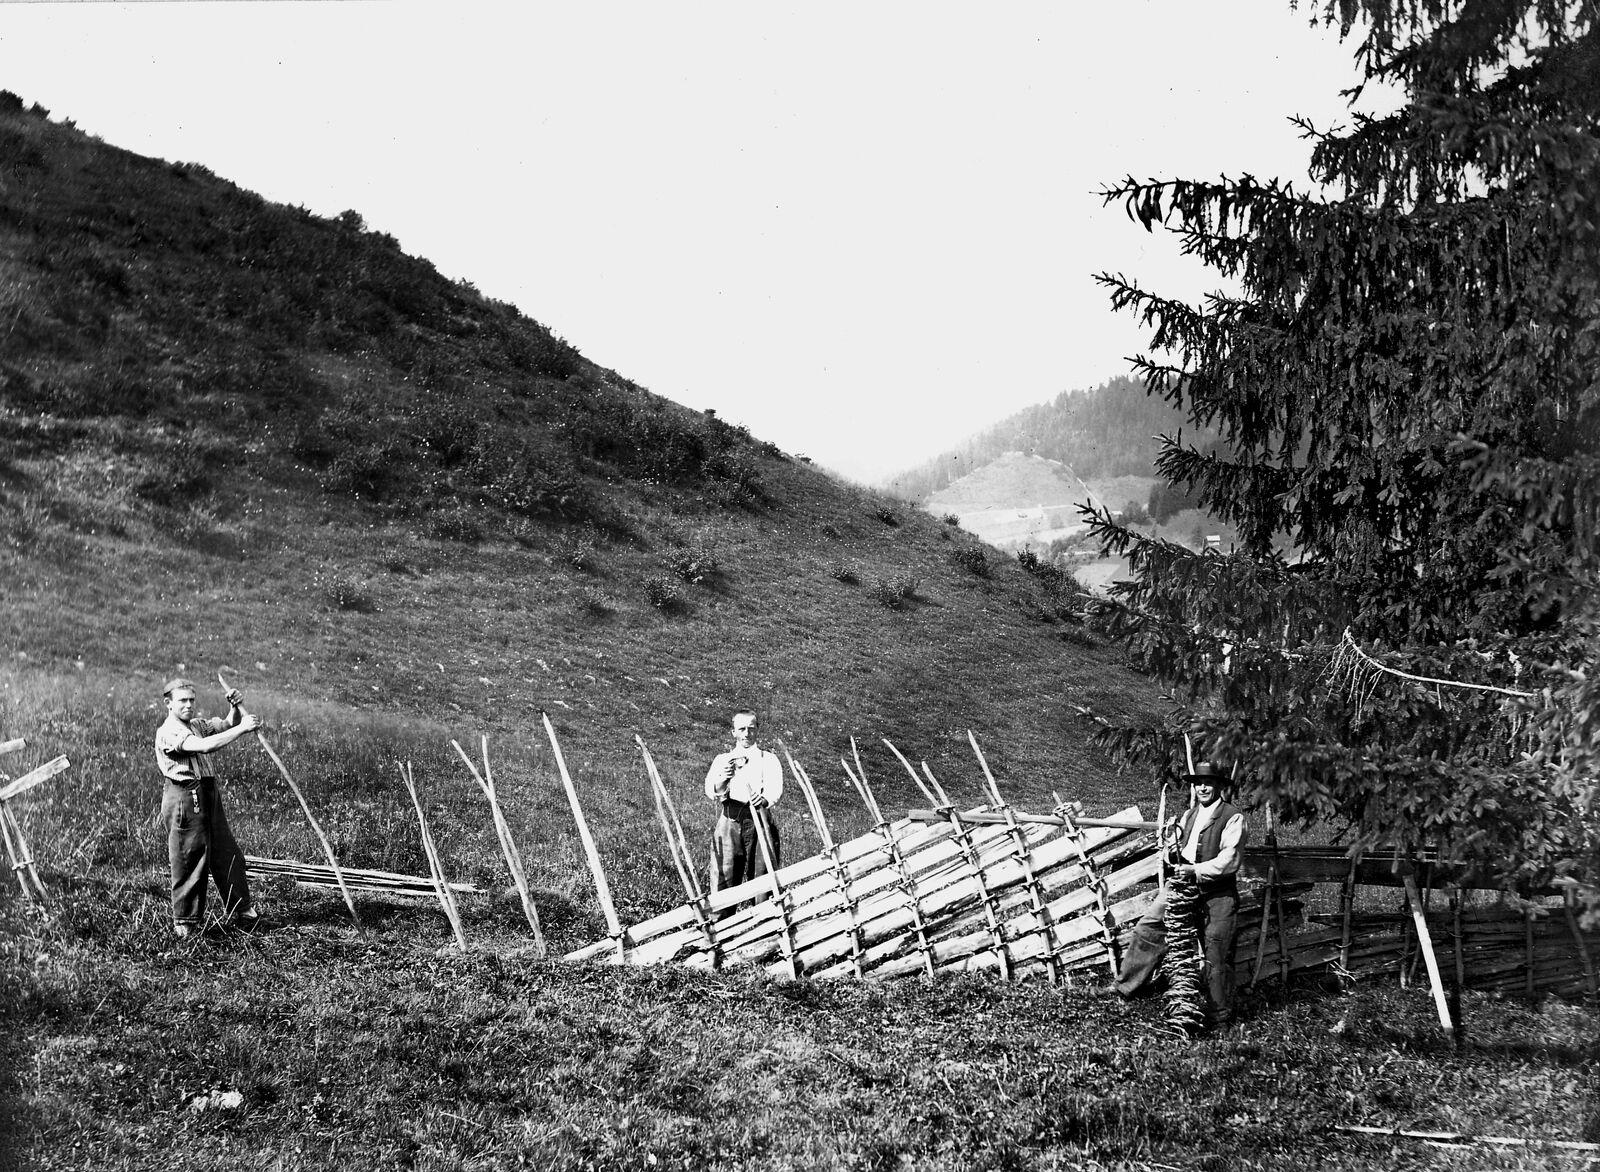 Die undatierte Aufnahme (vermutlich Ende 19. Jahrhundert) zeigt einen Ring- oder Schweiffelzaun in Teuffentahl bei Thun. Der Mann in der Mitte hält einen Ring aus geflochtenen Zweigen, der Mann rechts im Bild hält ein ganzes Bündel von Ringen. (Bild: Schweizerische Gesellschaft für Volkskunde, Basel, SGV_04P_02456)